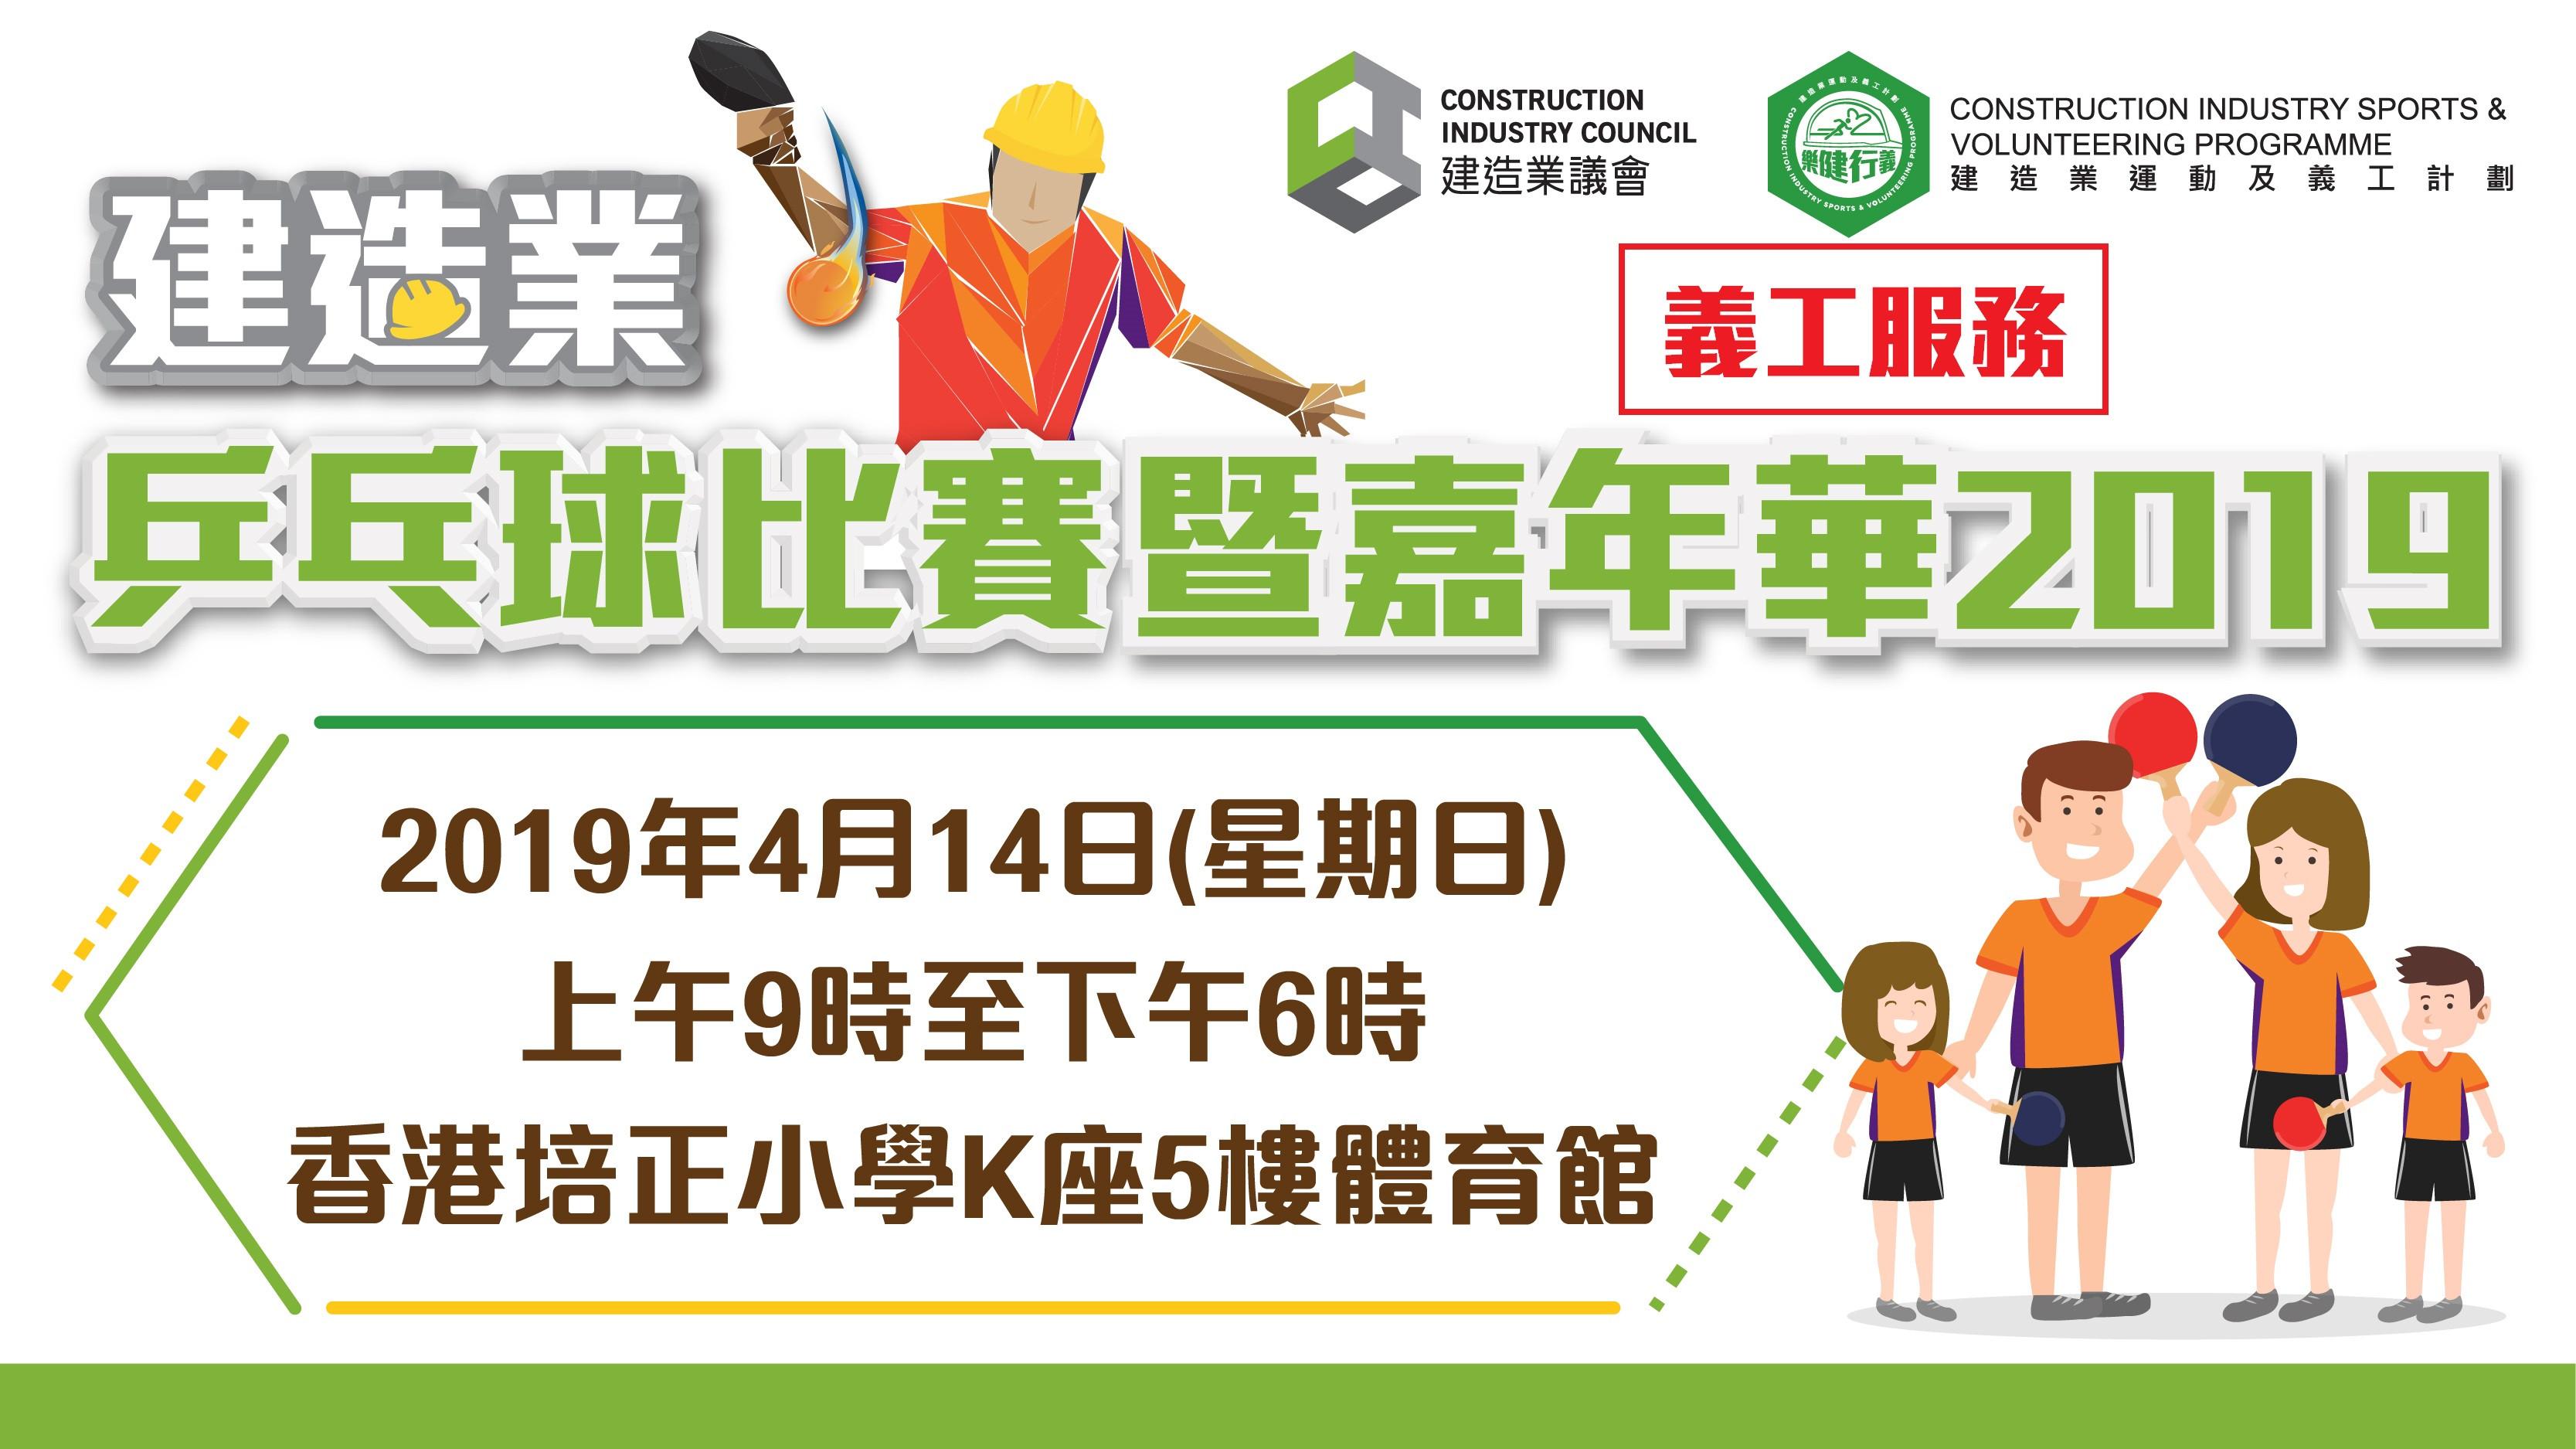 義工服務 - 建造業乒乓球比賽暨嘉年華2019